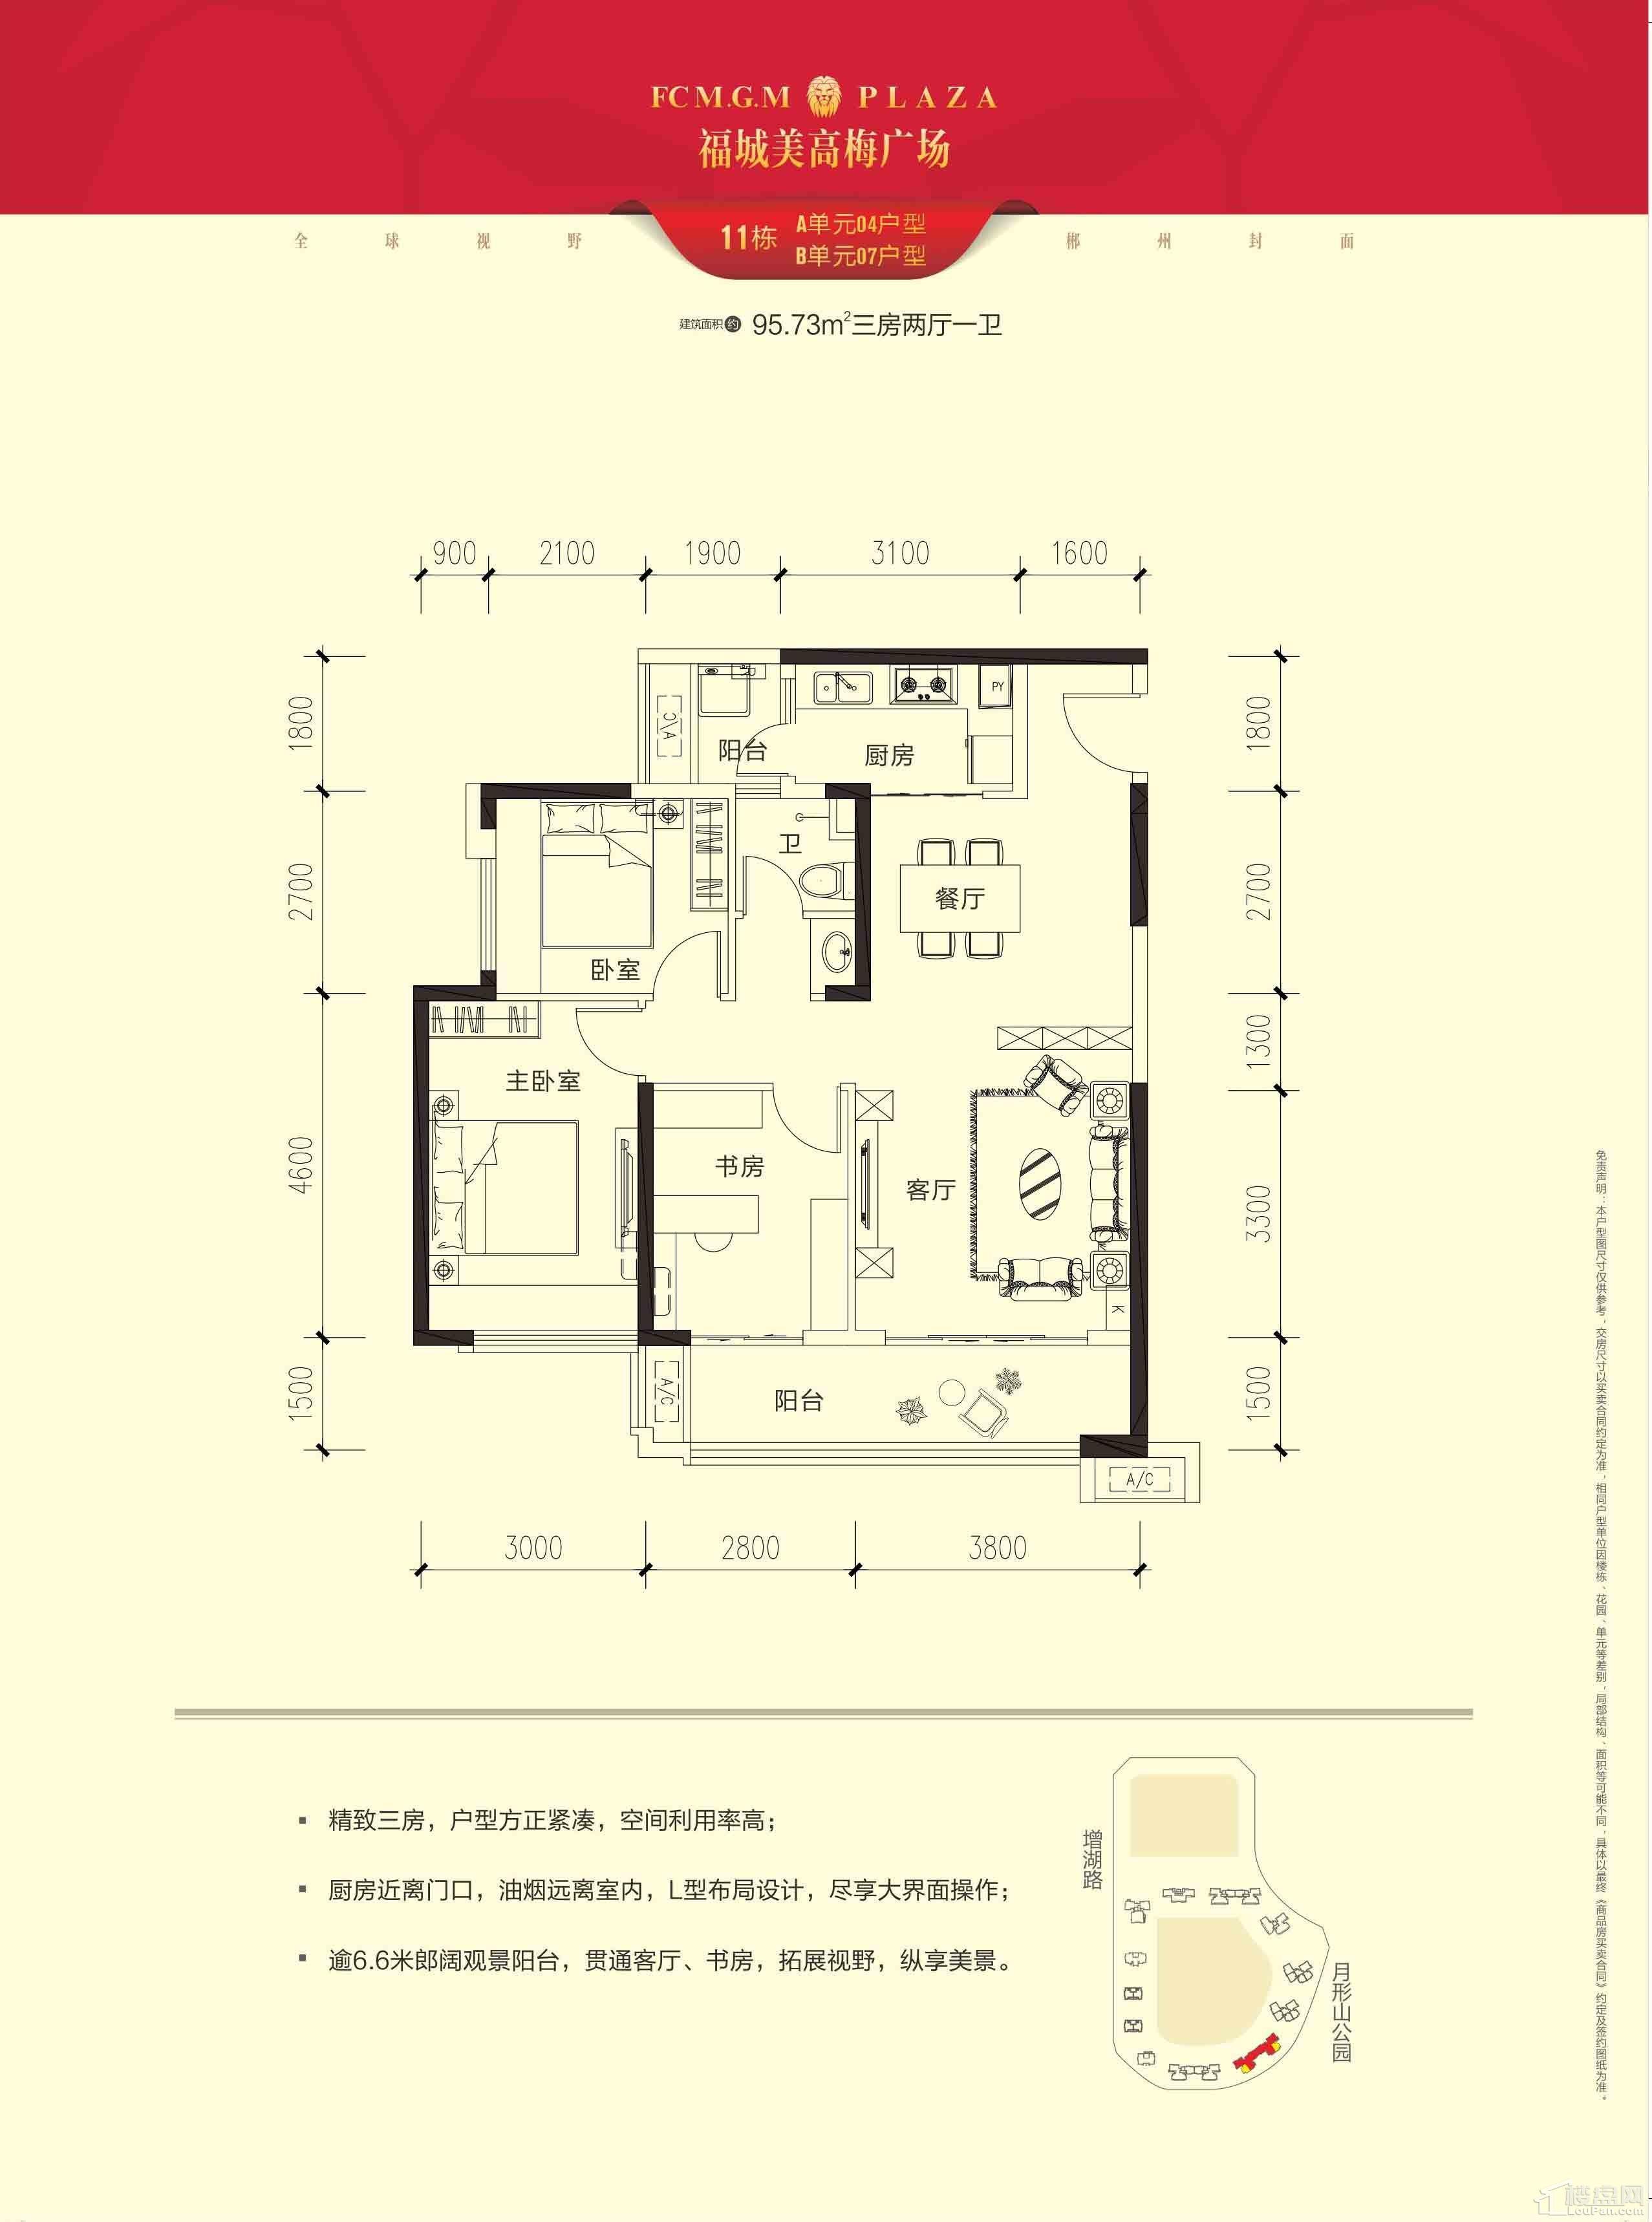 福城美高梅广场11栋4/7户型